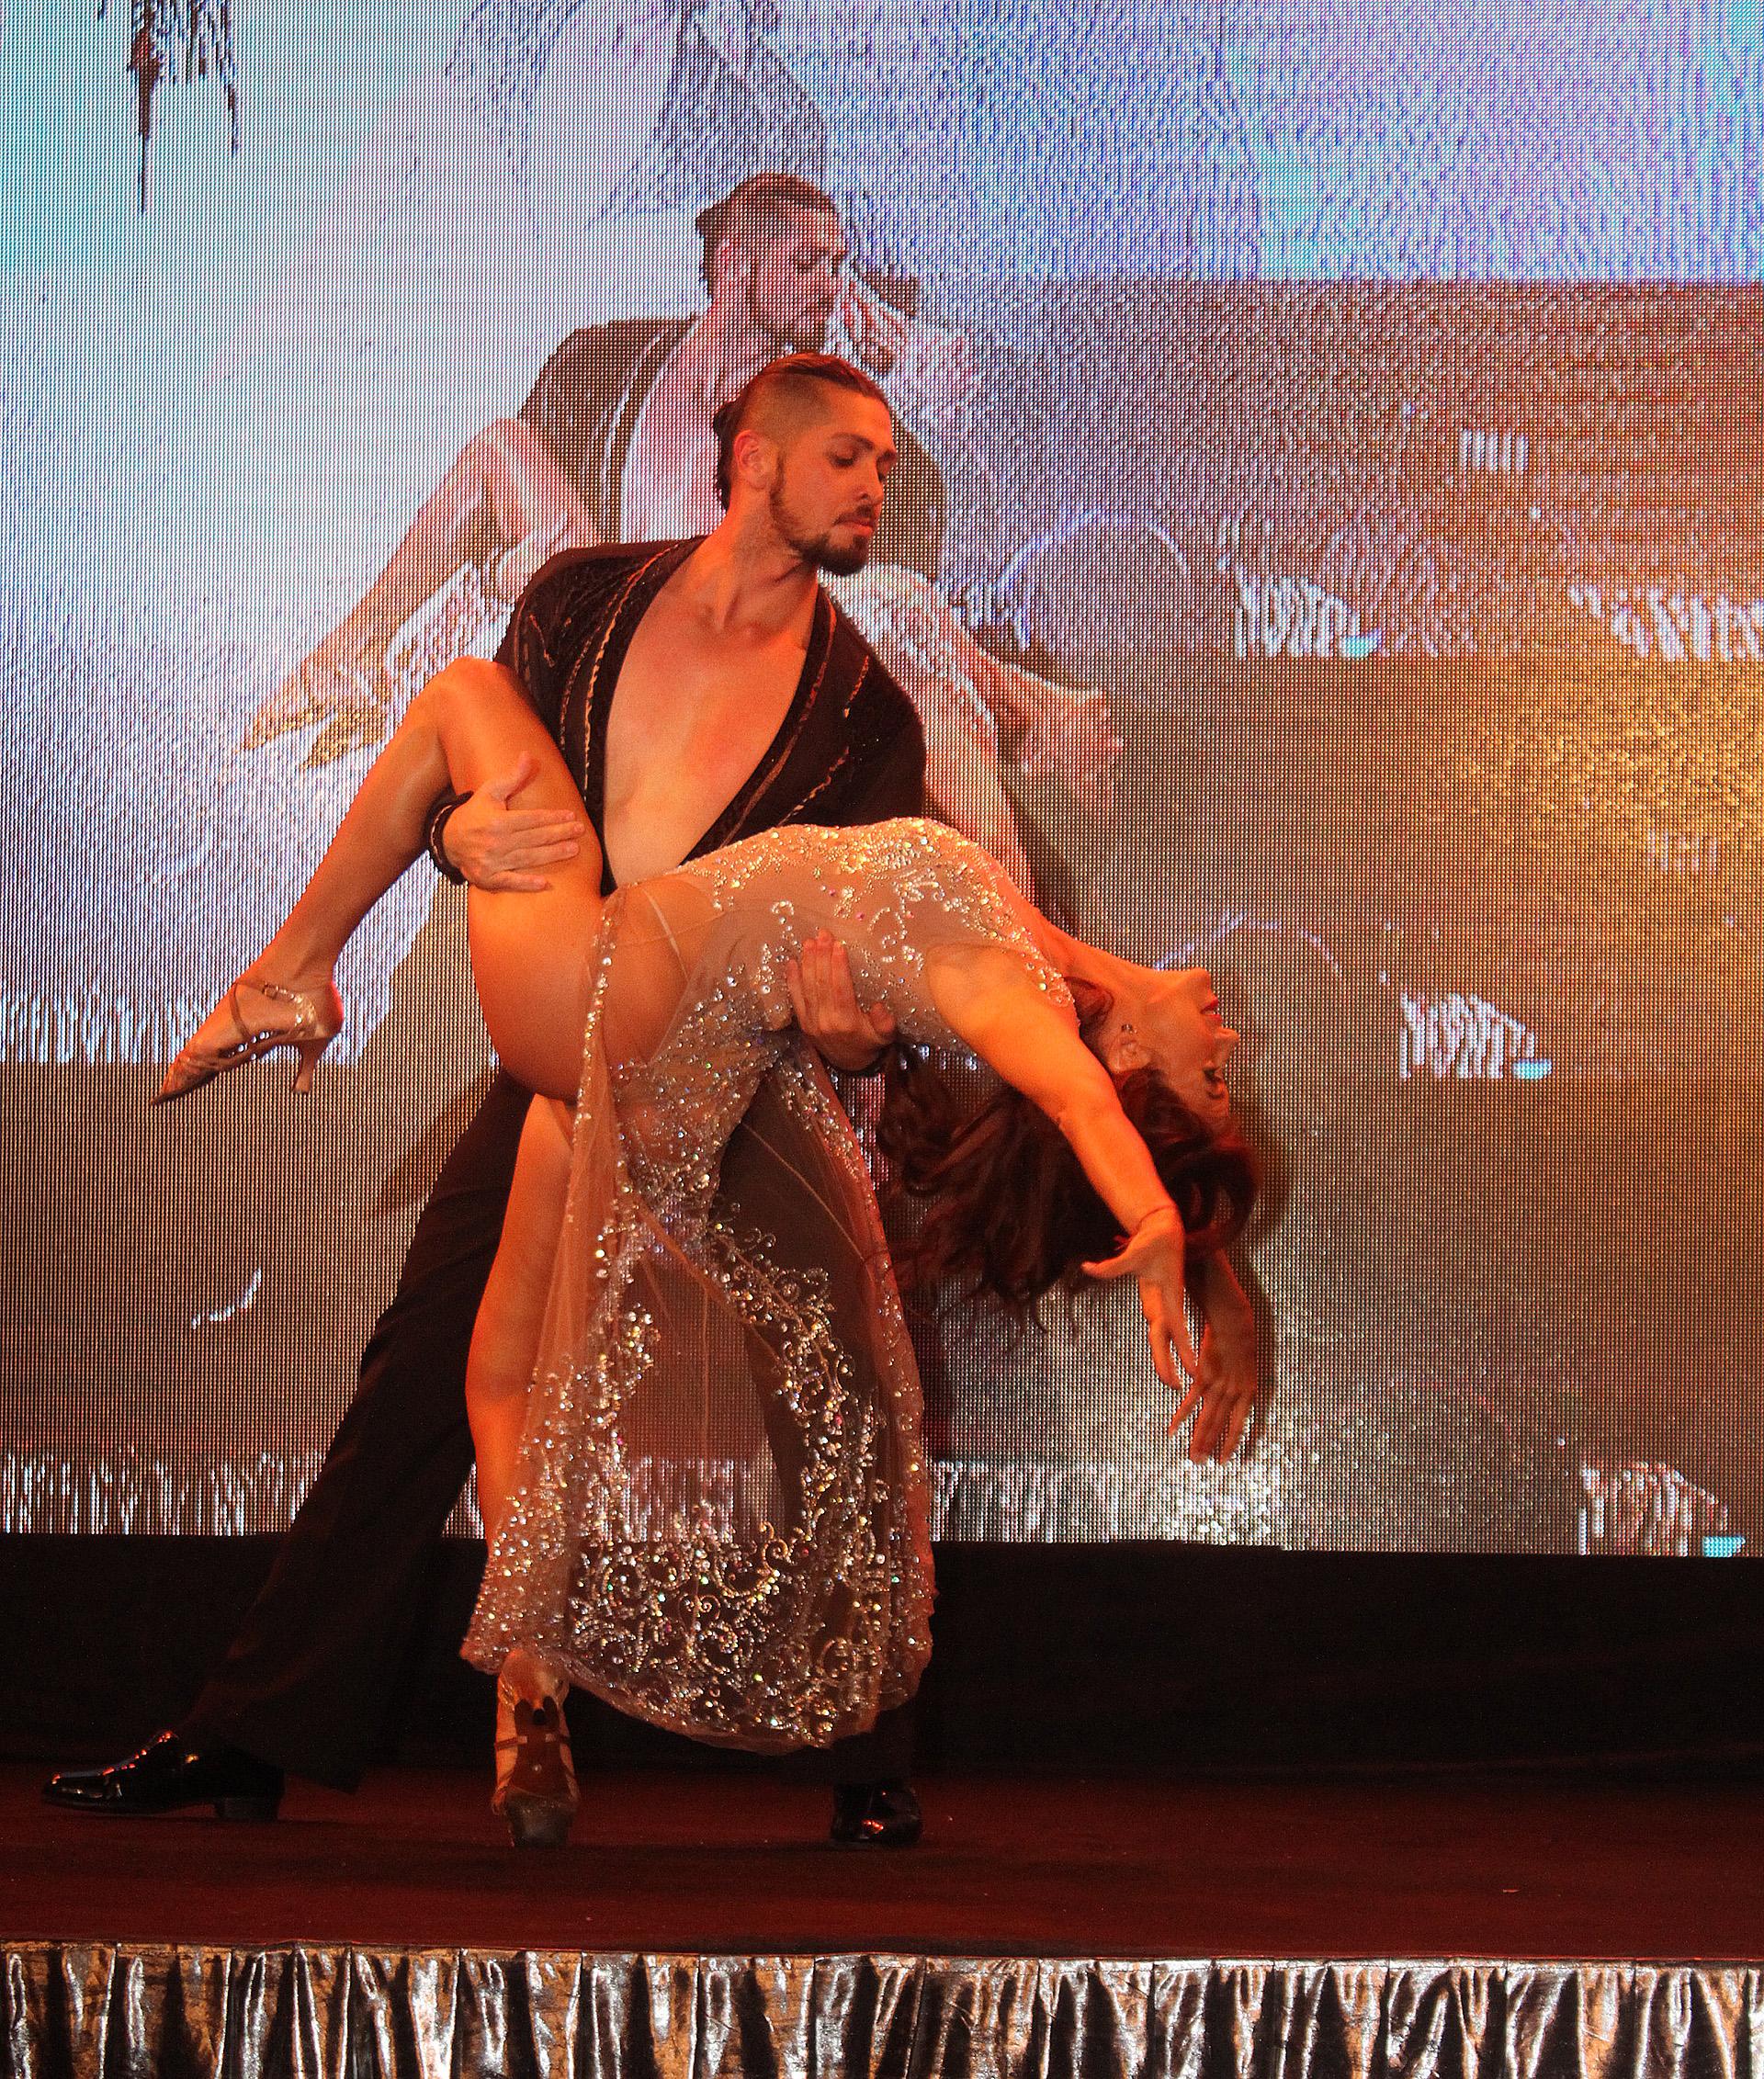 Valeria Archimó hizo un cuadro de danza sobre el escenario